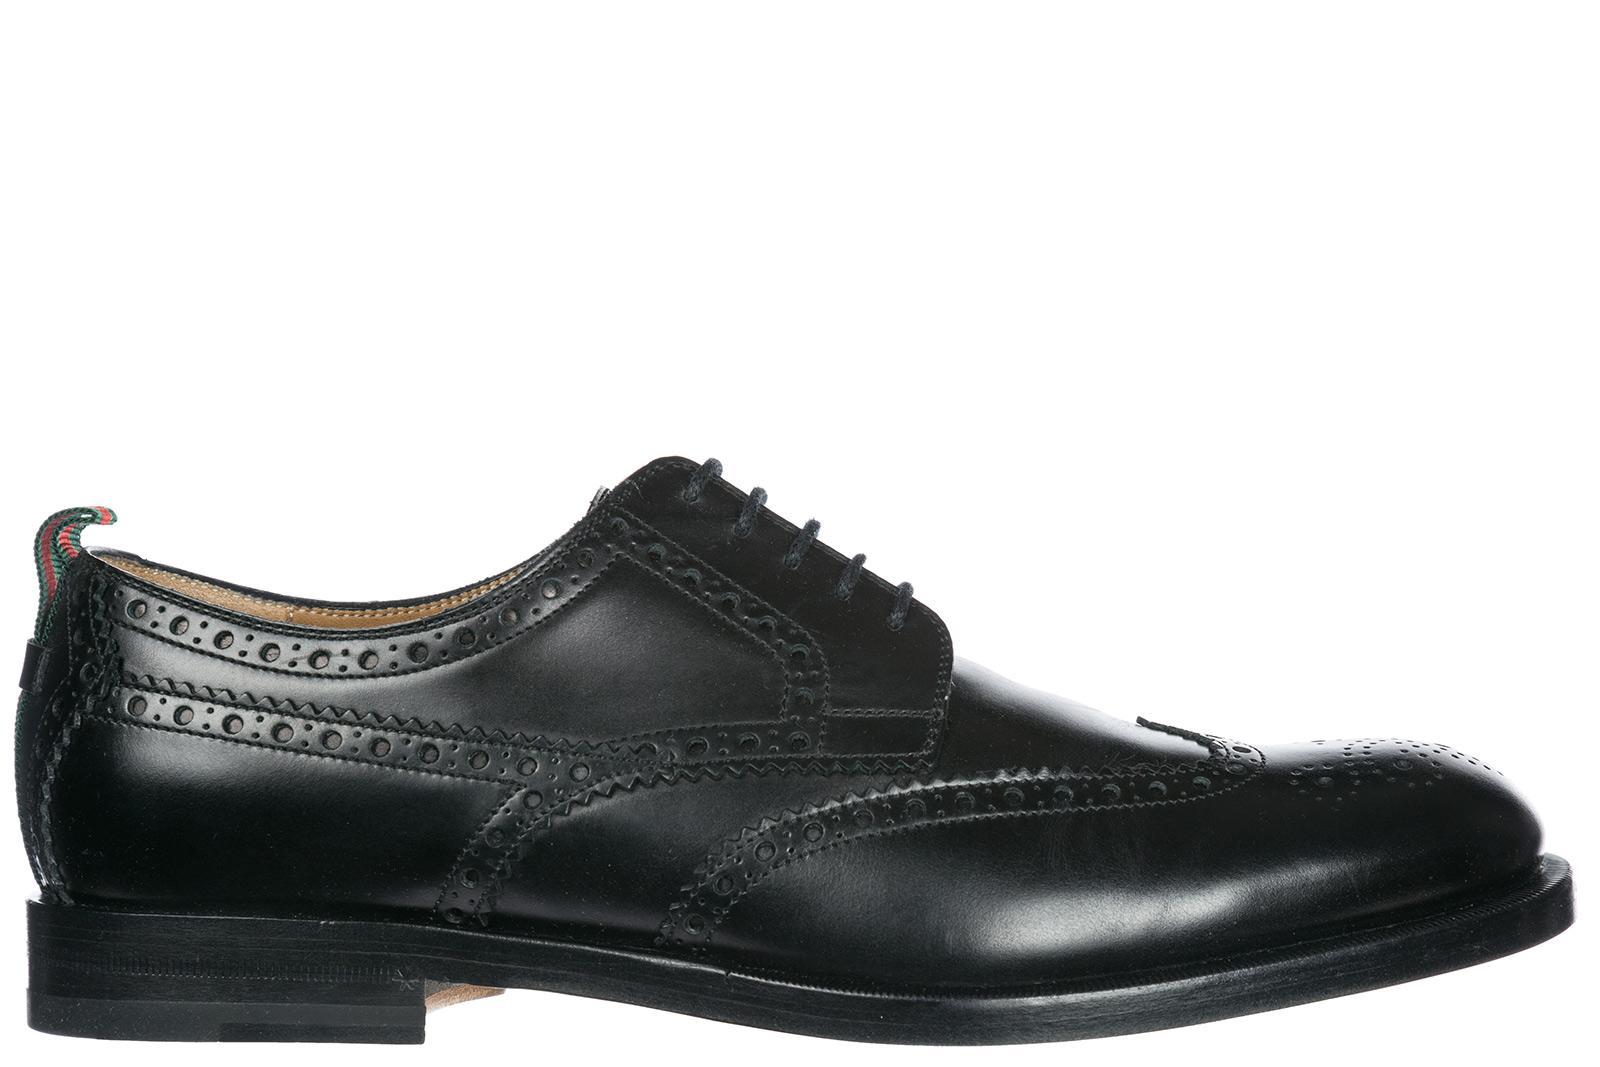 ecc3728e28da31 Gucci Herrenschuhe Leder Herren Business Schuhe SchnÜRschuhe Derby Brogue  In Black